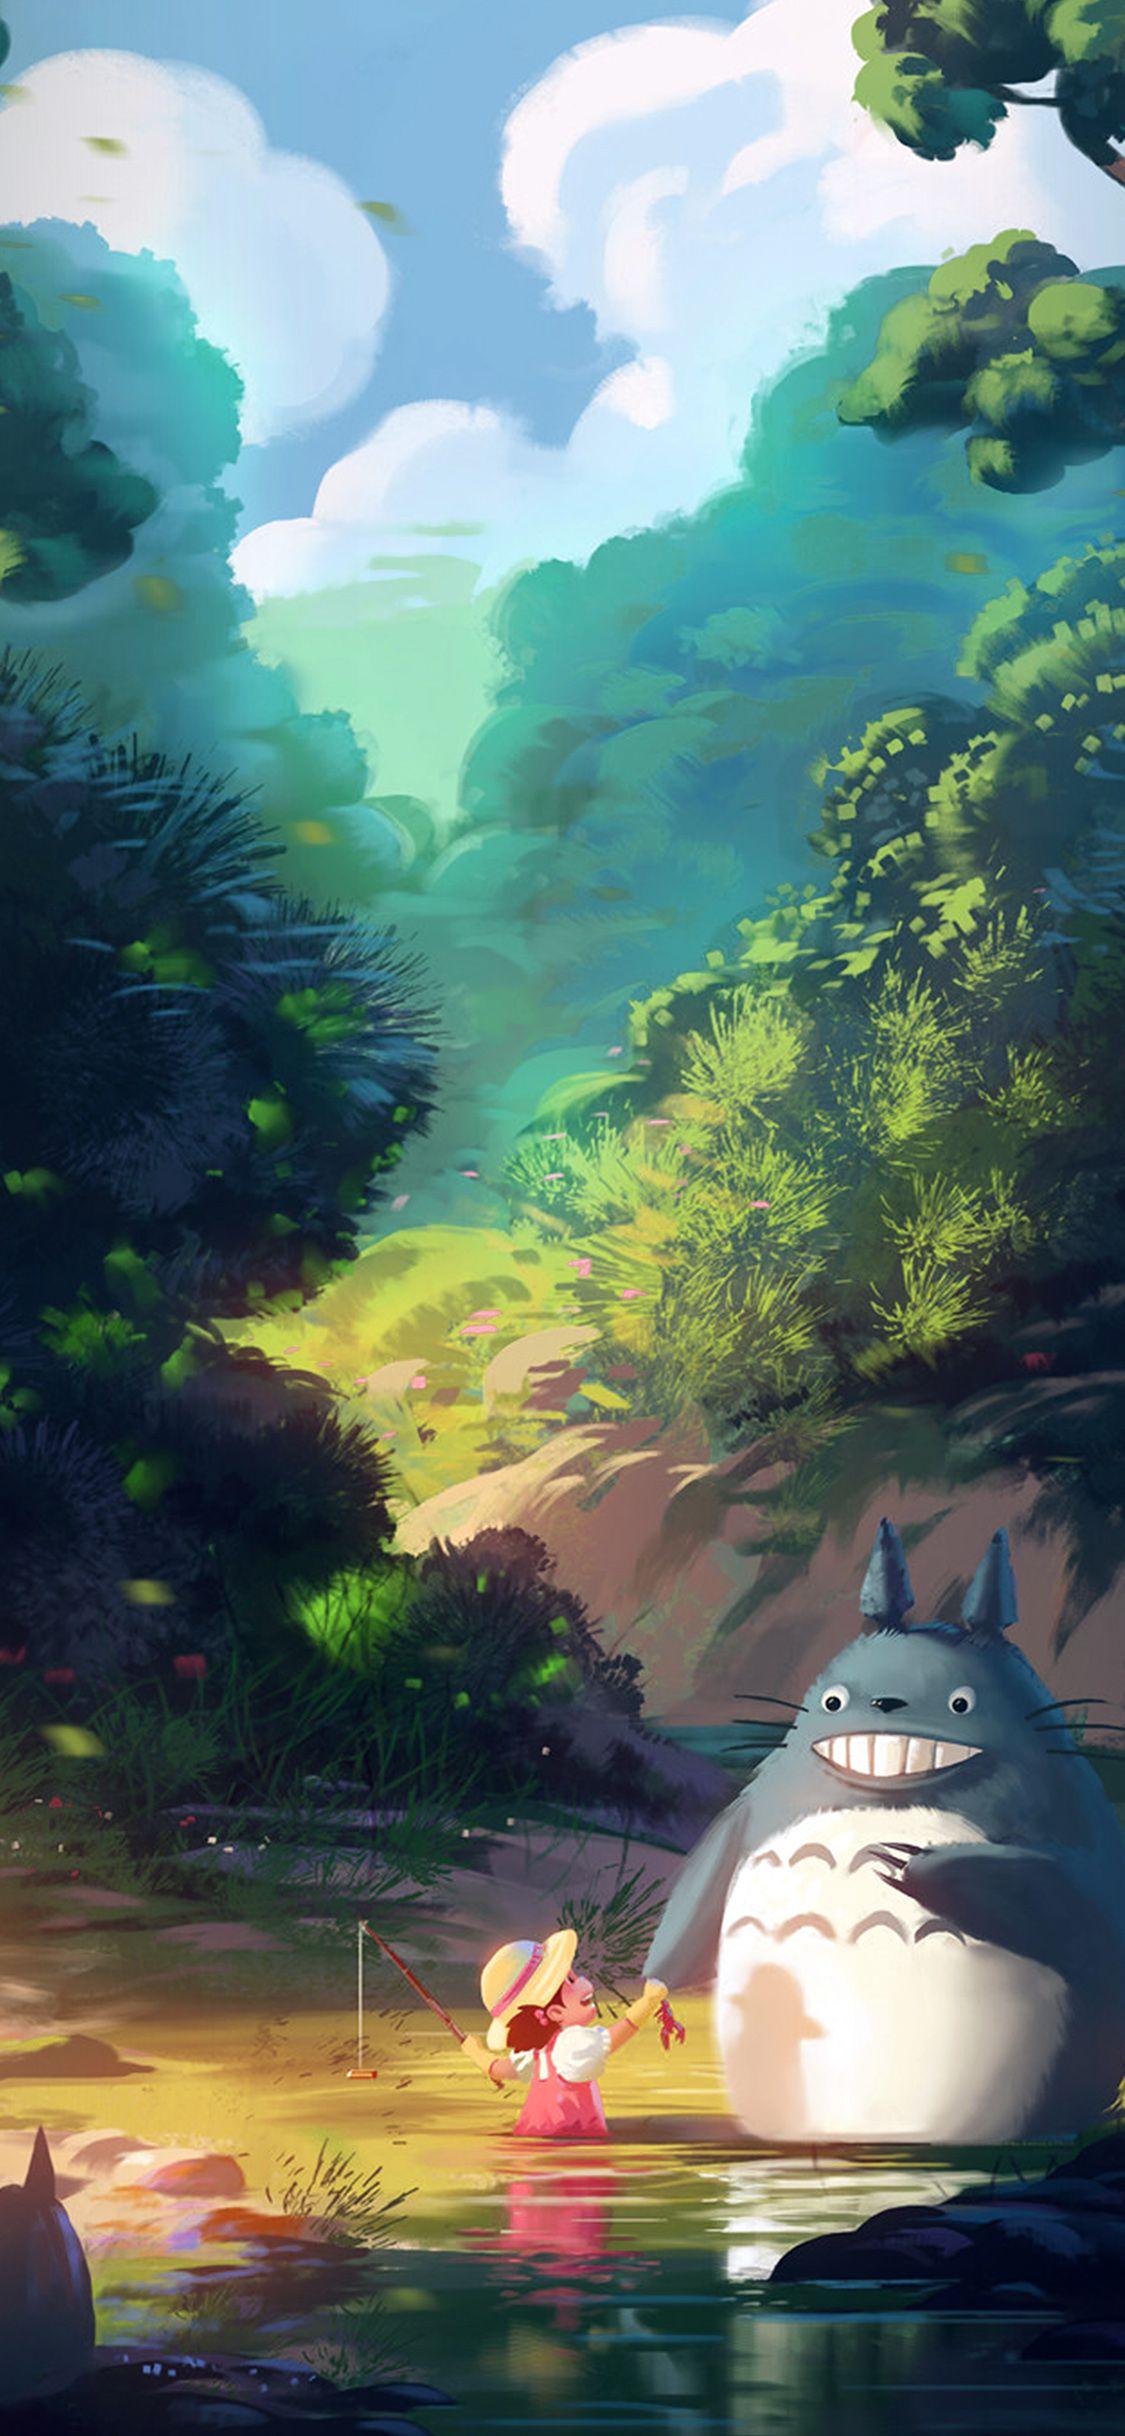 Pin By Ellyn Gotehsyah On Totoro In 2019 Illustration Art Totoro